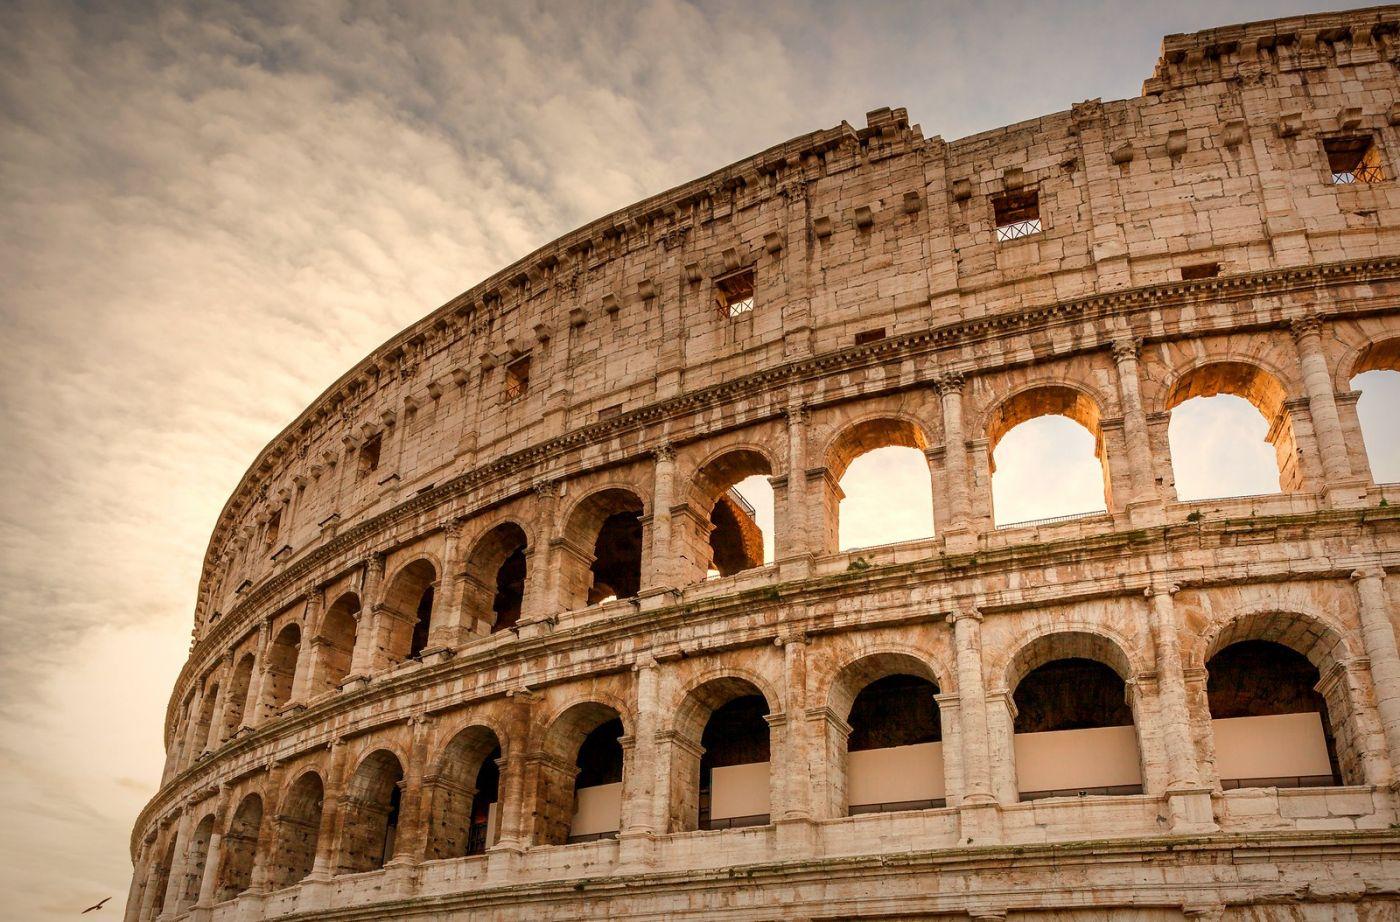 罗马斗兽场(Colosseum), 两千年的宏大建筑古迹_图1-26